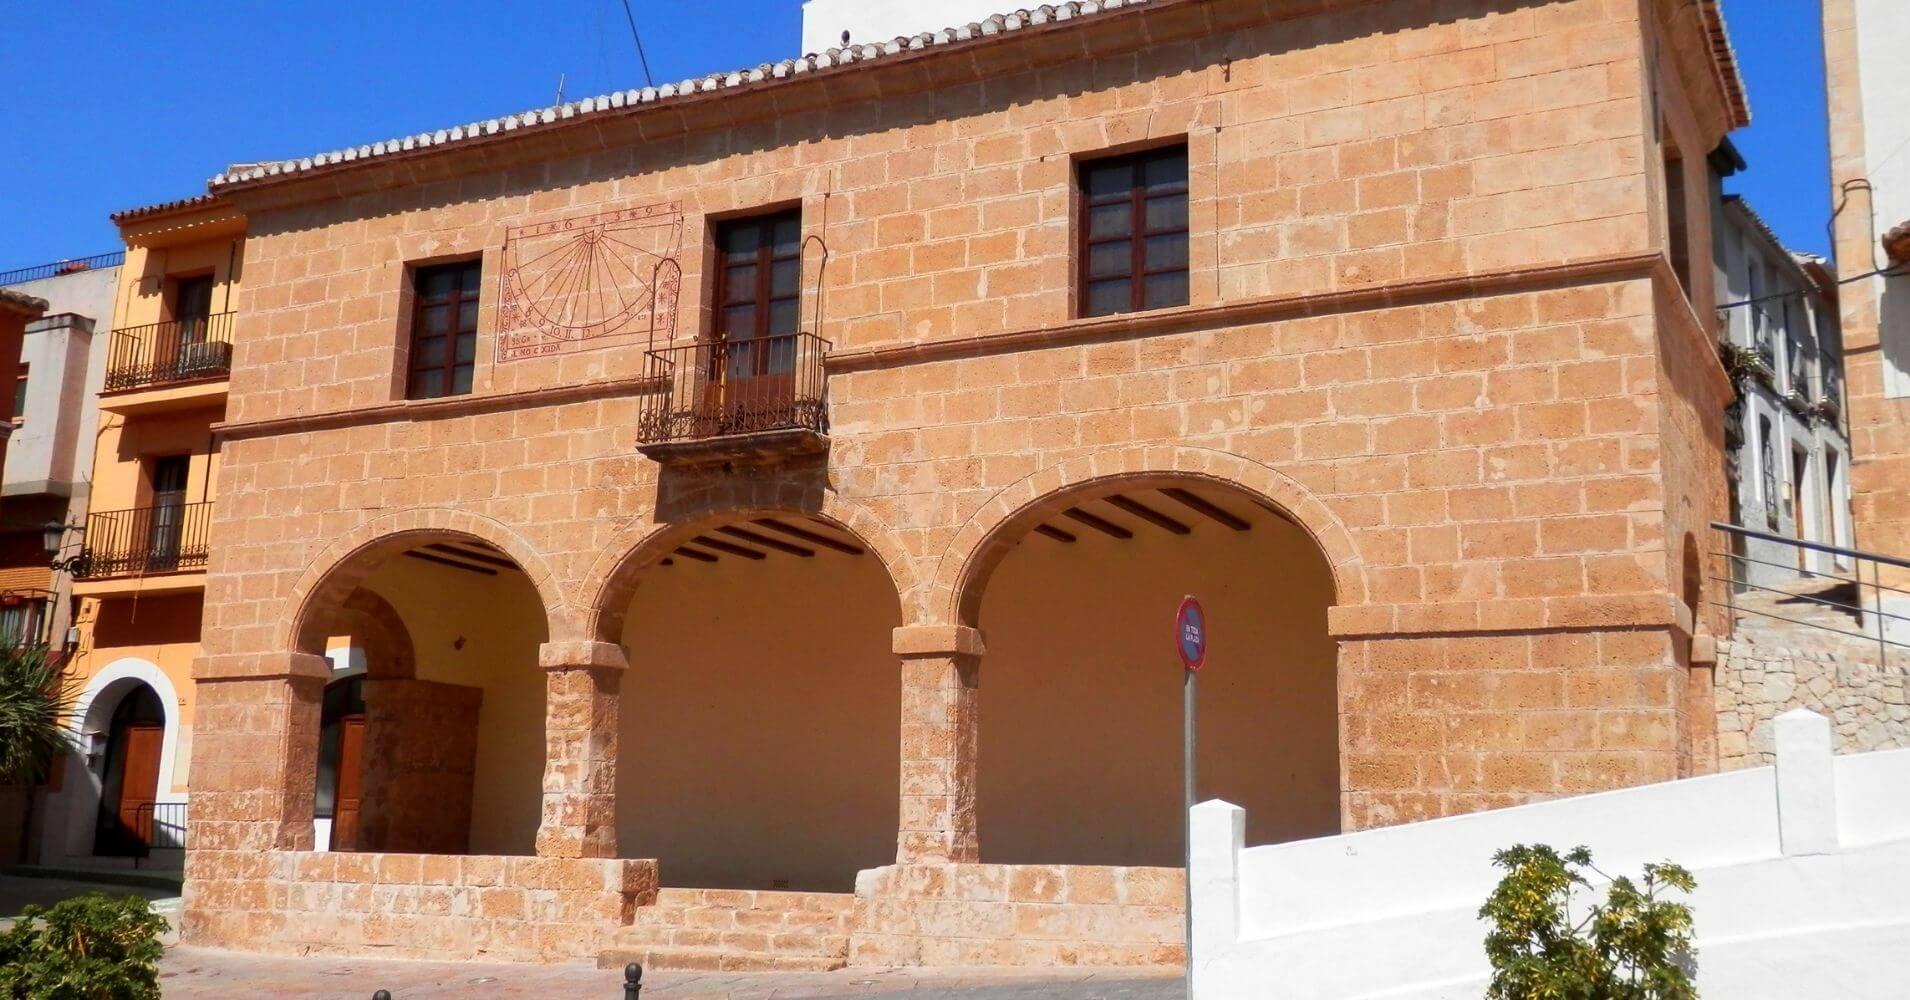 Sala de Jurados y Justicia. Teulada, Alicante. Comunidad Valenciana.